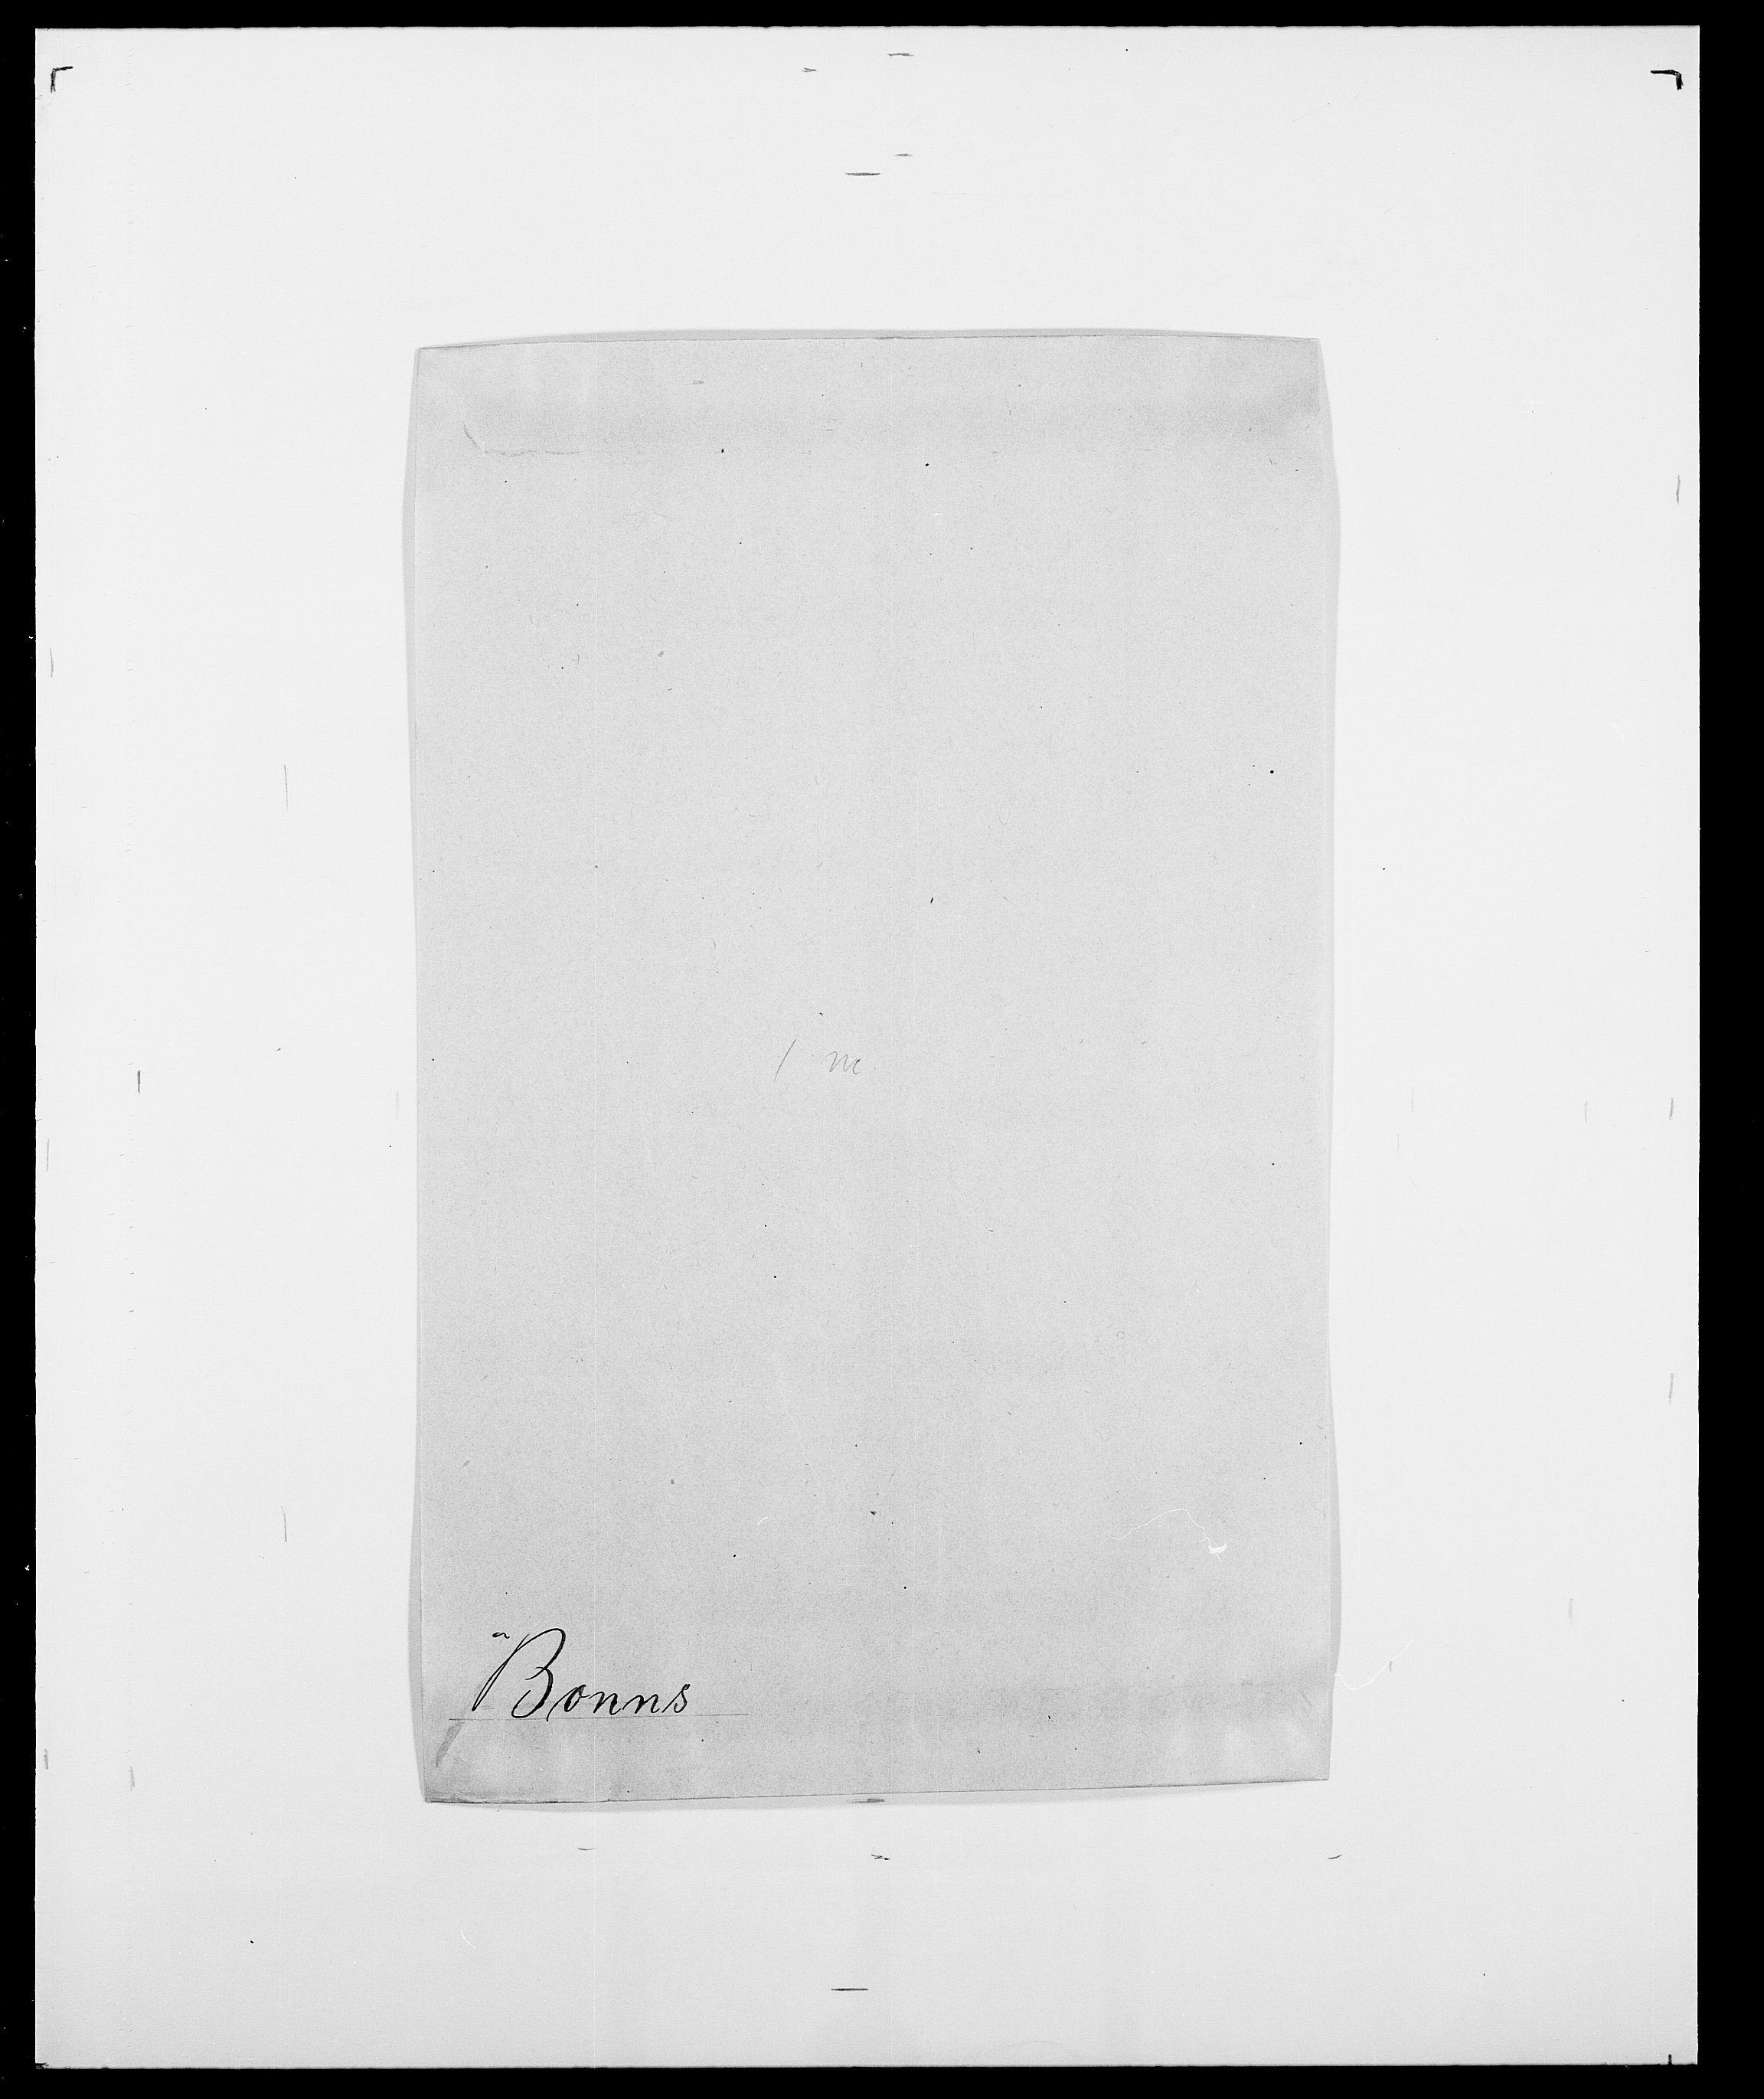 SAO, Delgobe, Charles Antoine - samling, D/Da/L0005: Boalth - Brahm, s. 154